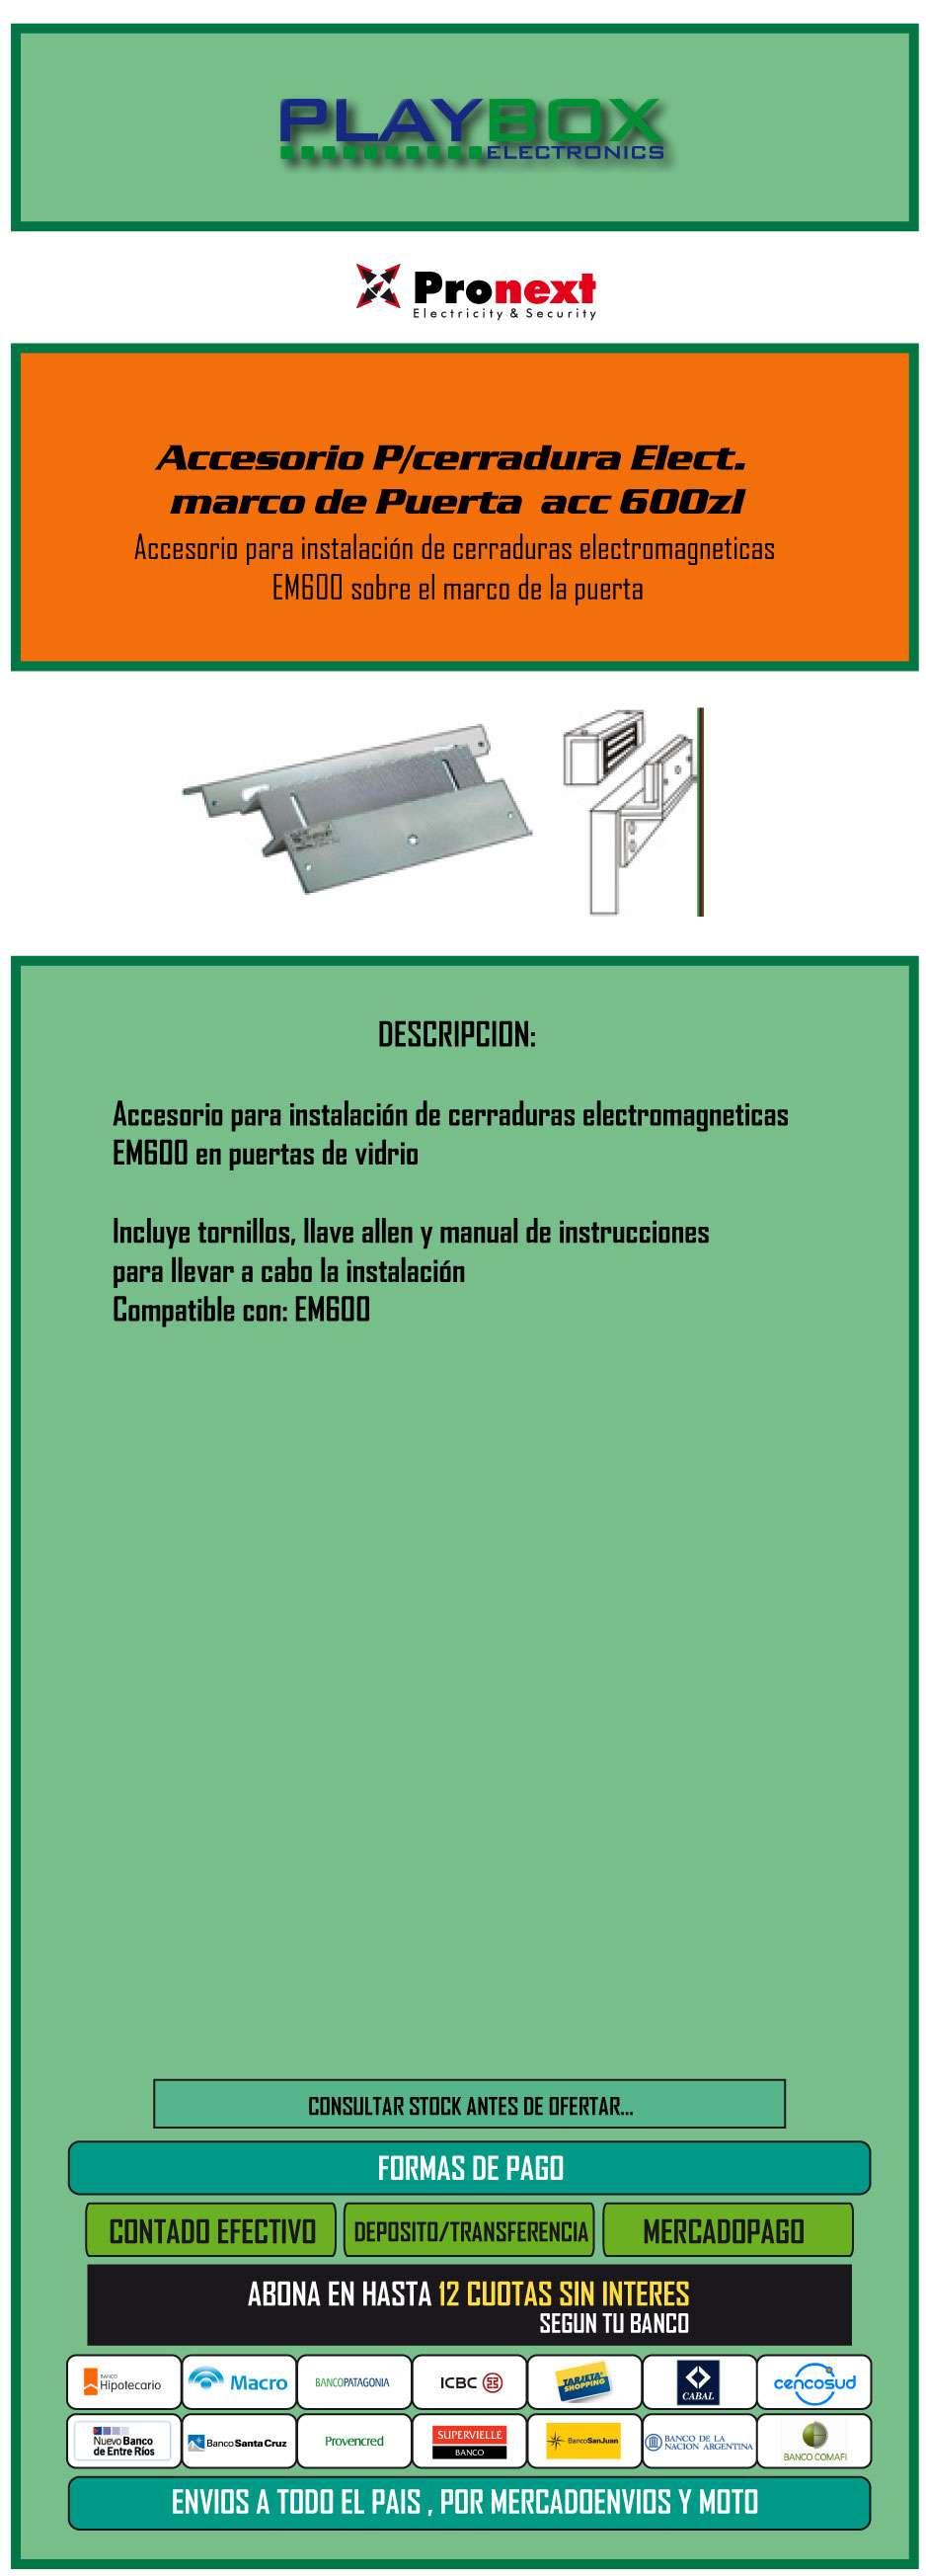 Accesorio P/cerradura Elect. Marco De Puerta Acc 600zl ...